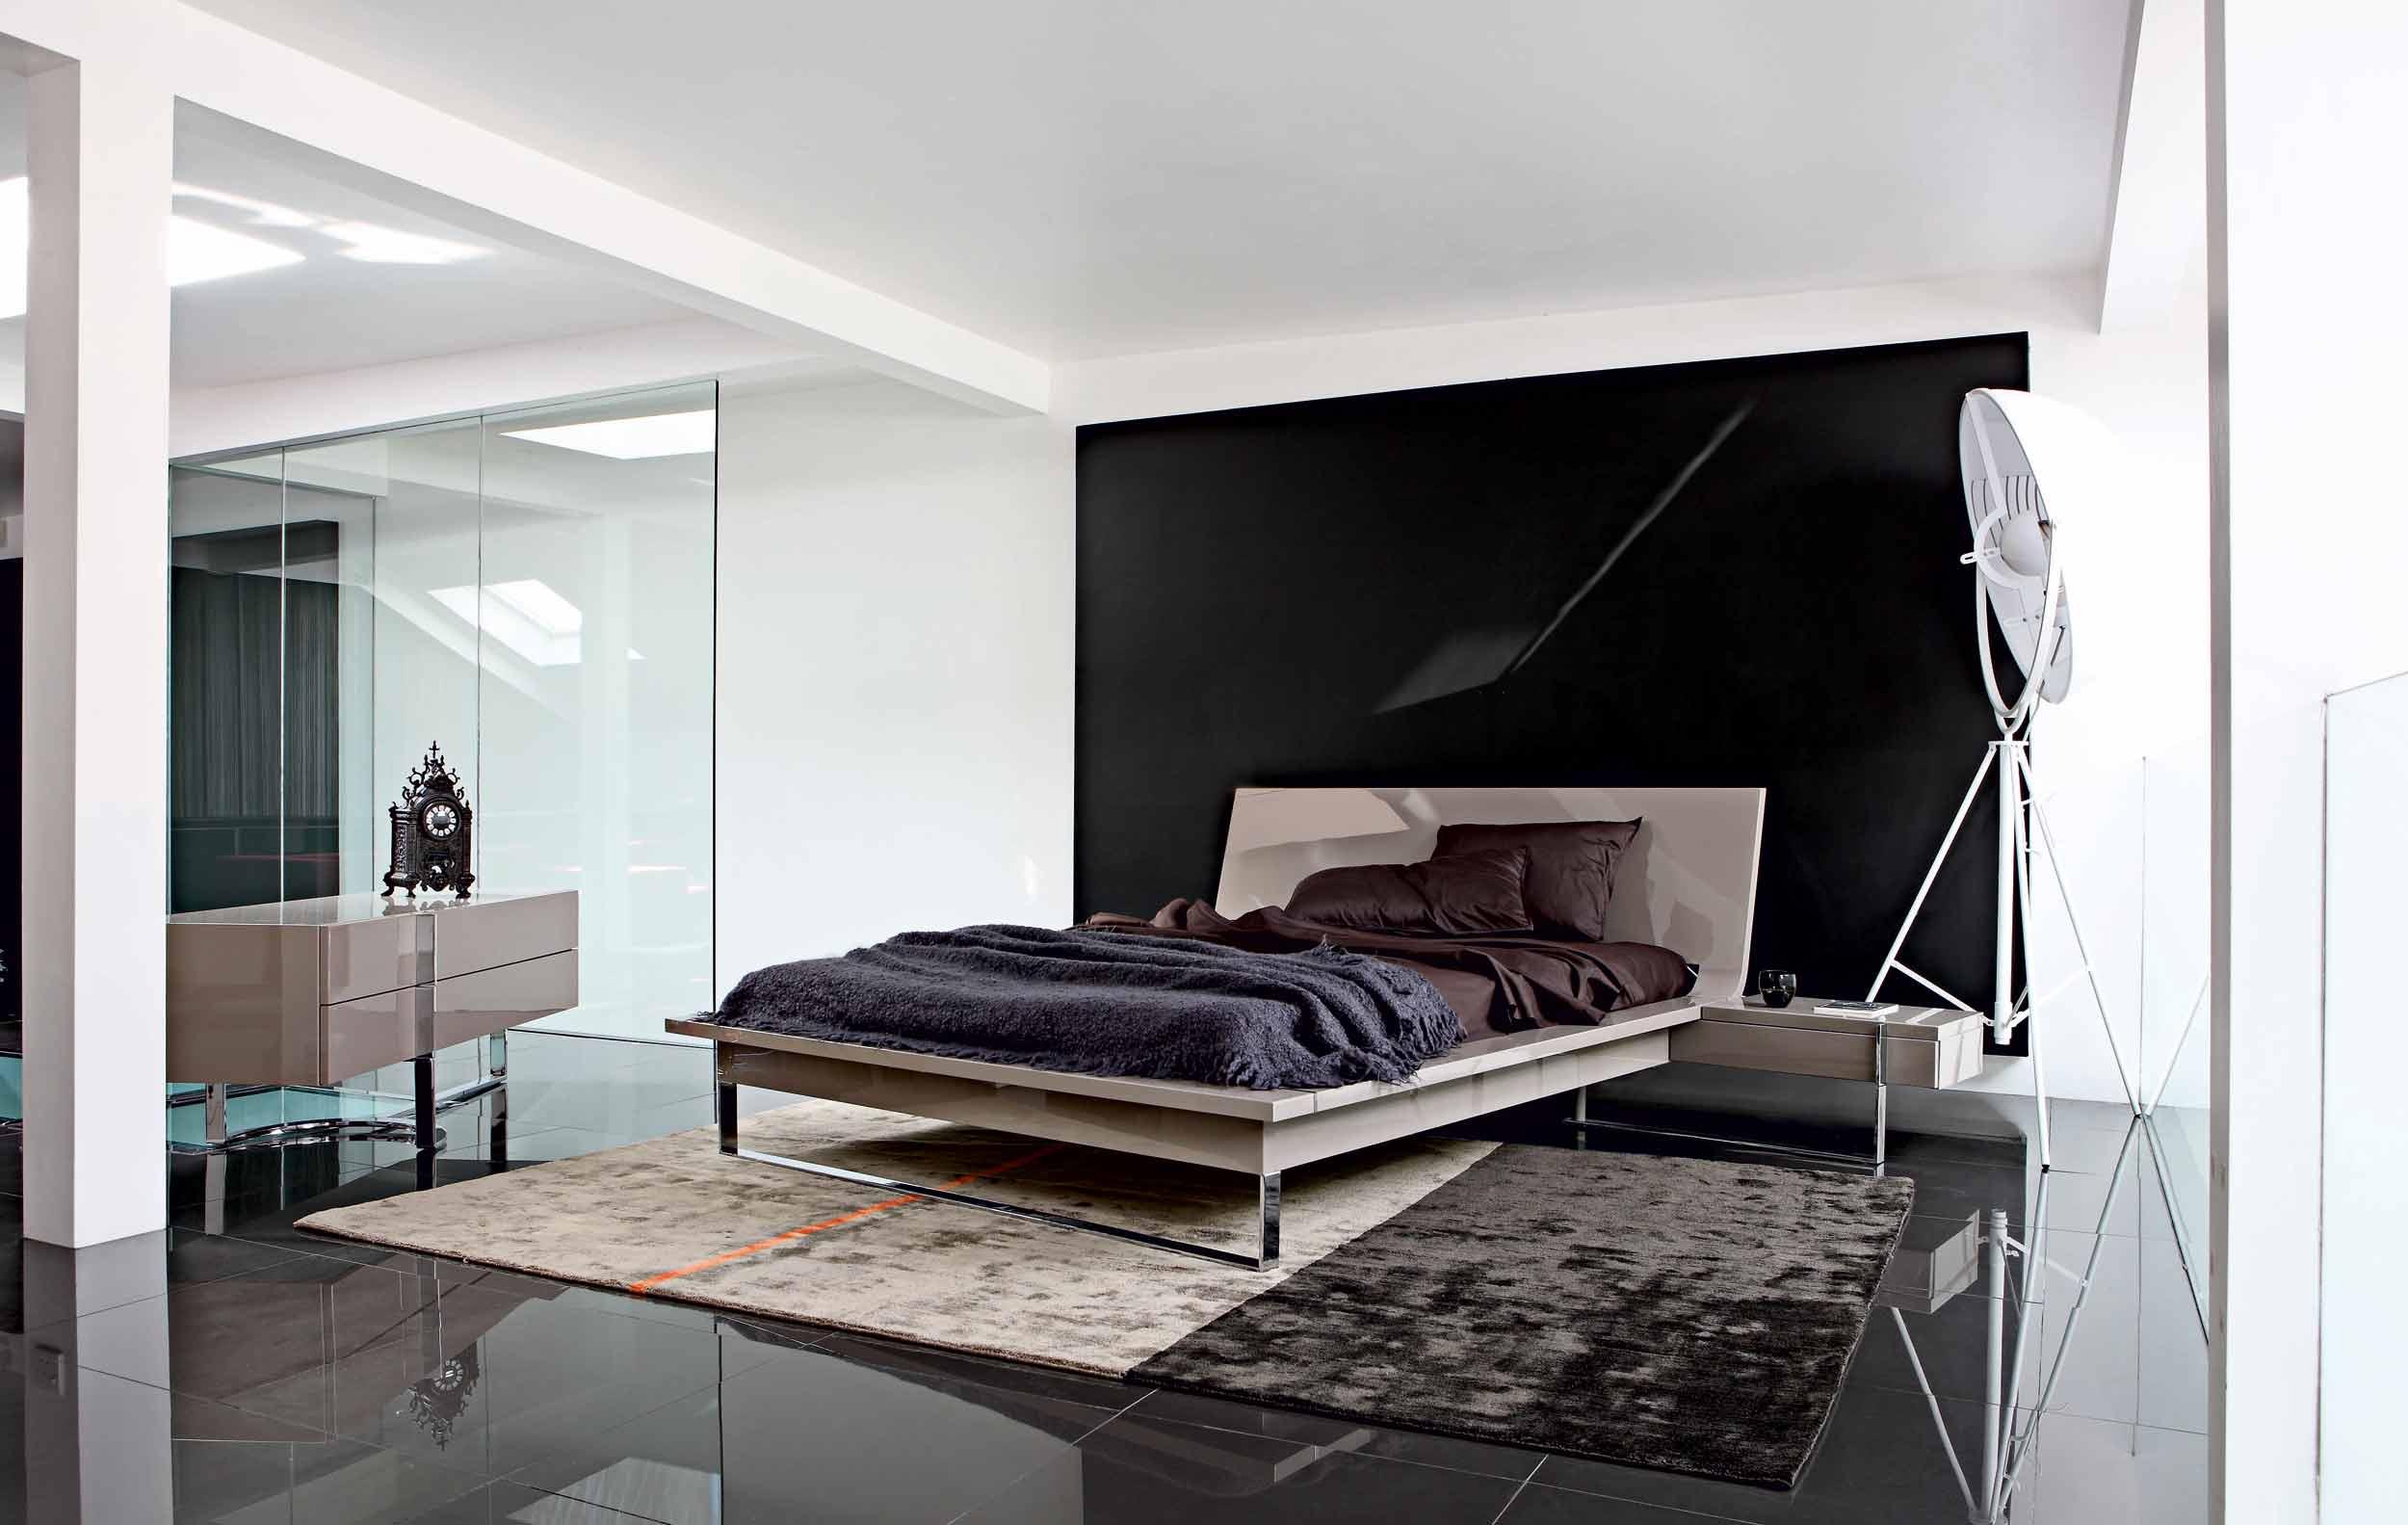 Minimalist bedroom   Interior Design Ideas. on Minimalist Modern Simple Bedroom Design  id=12544